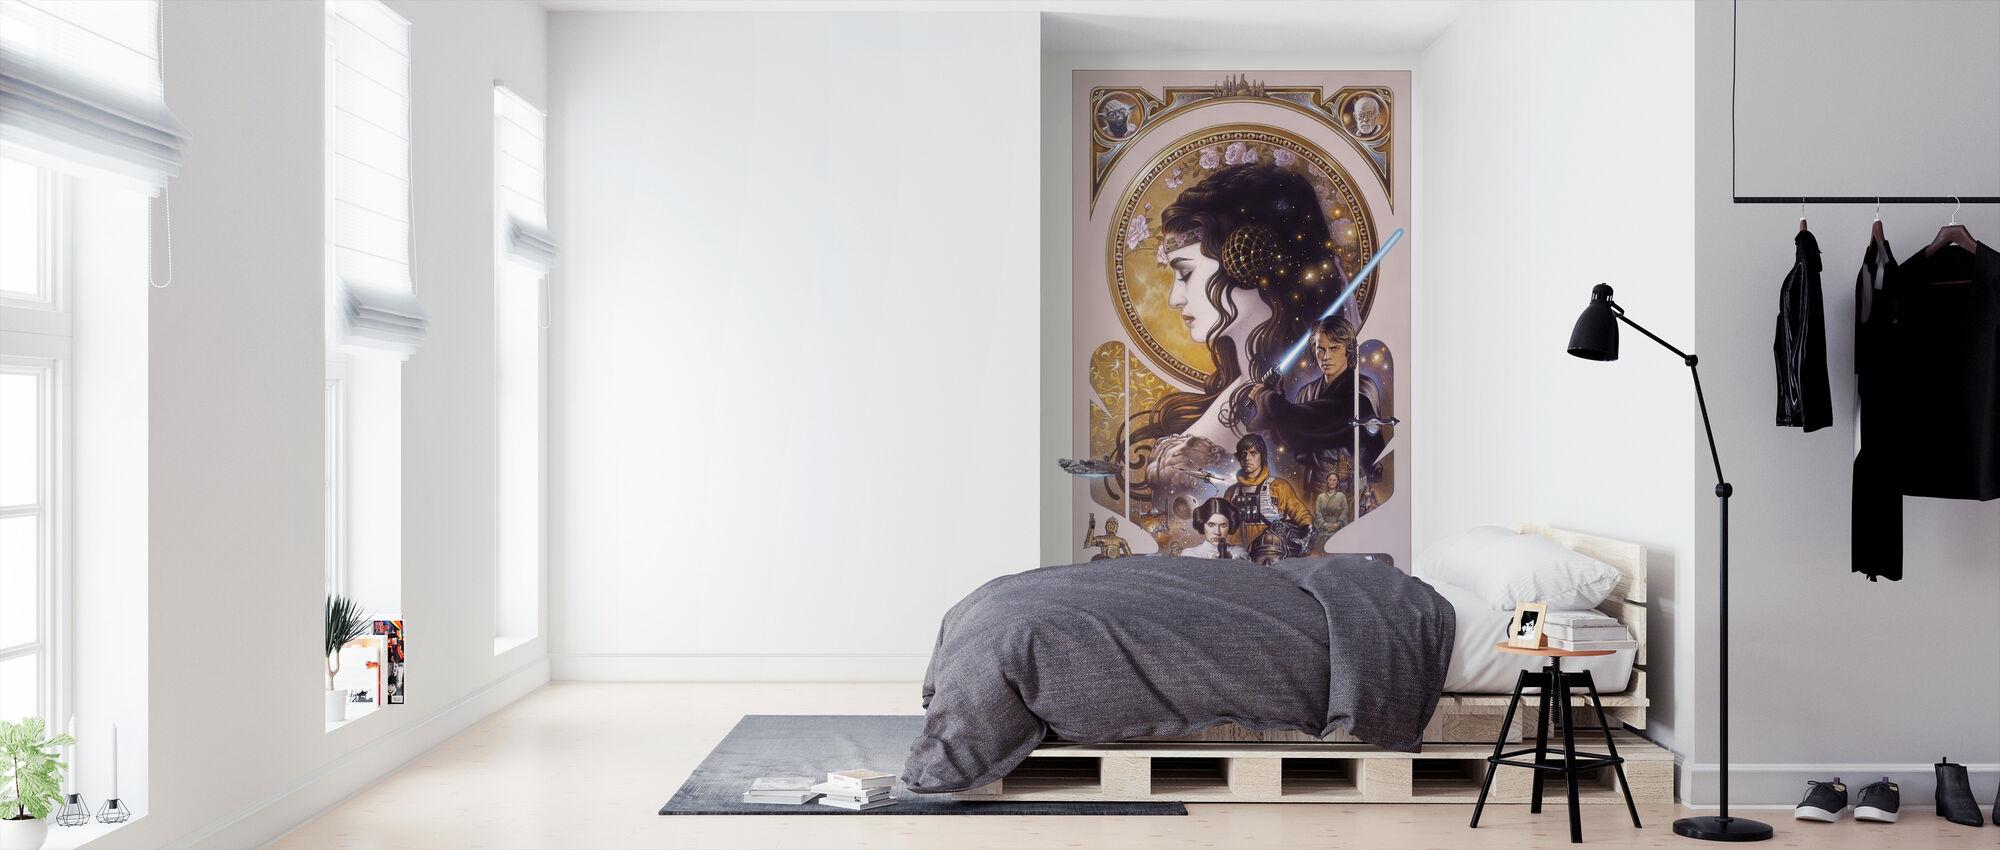 Star Wars - Anakin Skywalker og Padme Amidala kunstverk - Tapet - Soverom